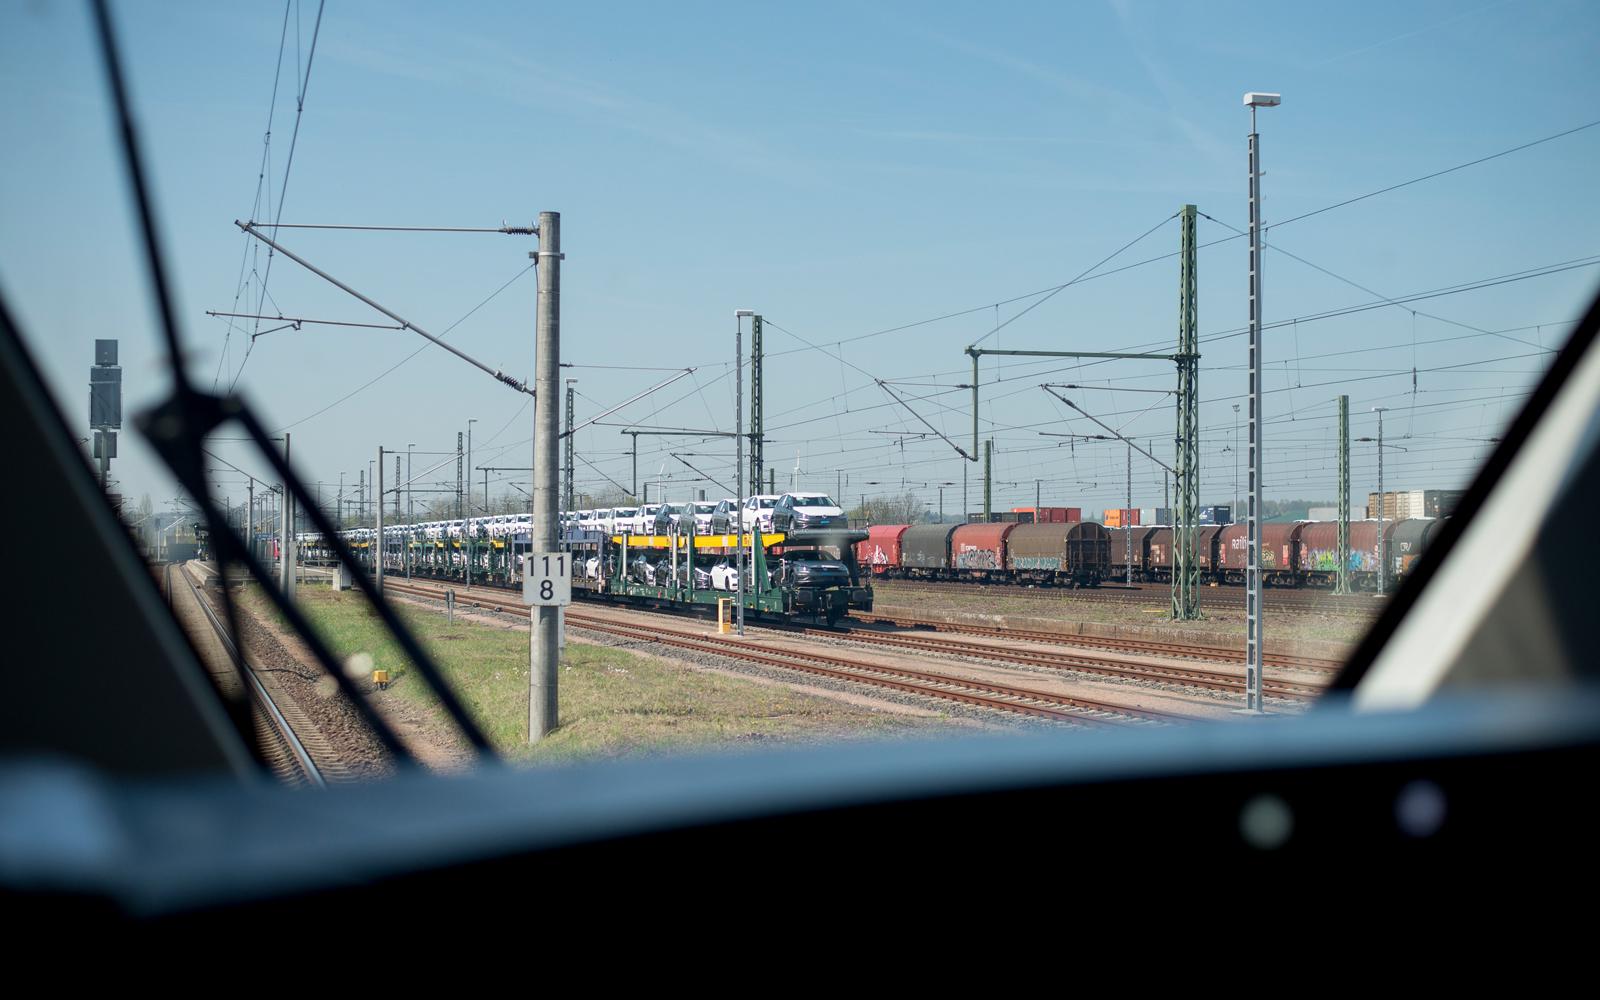 © Foto: Susann Wentzlaff | Neu- und Altwagen